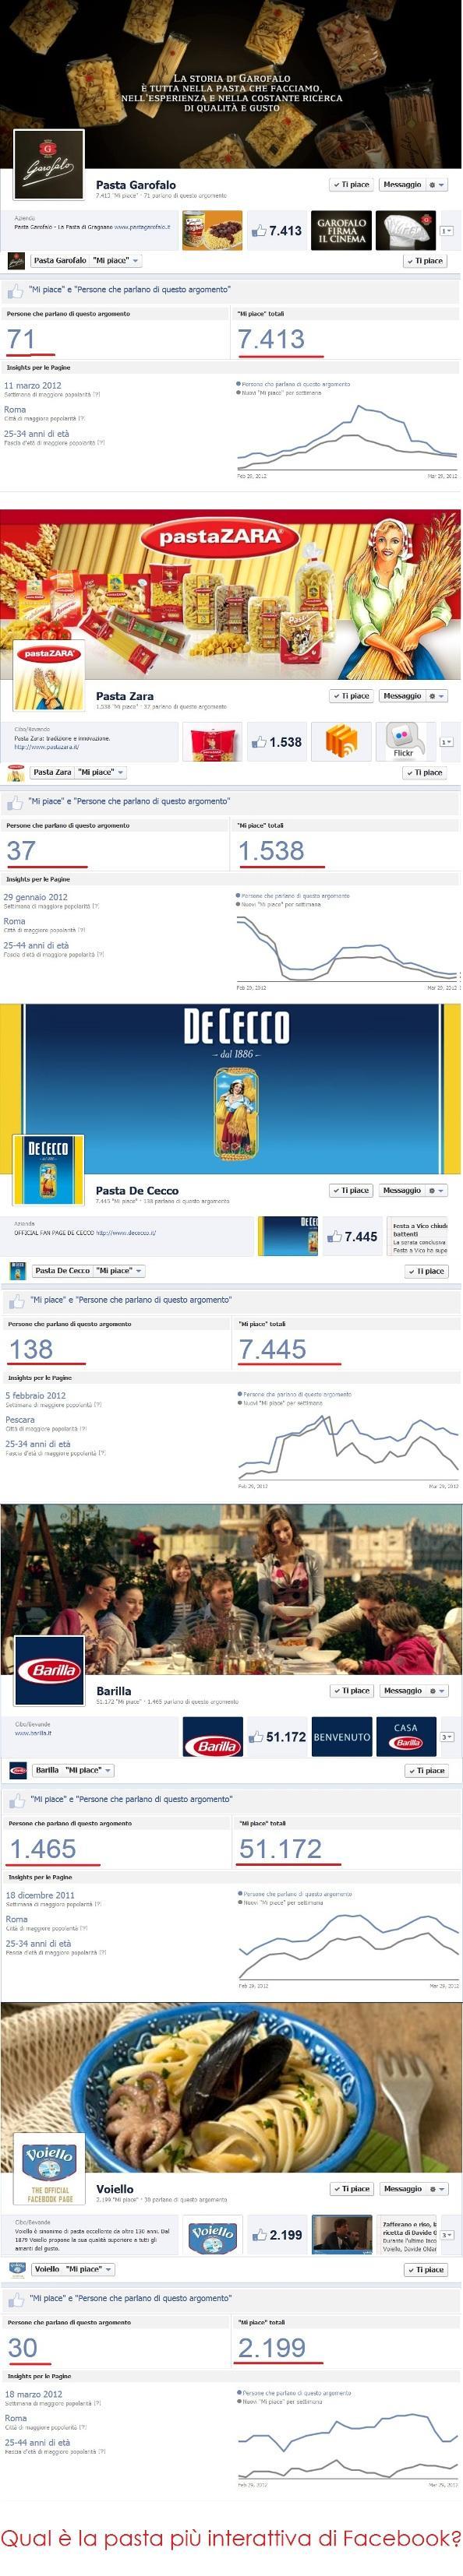 Infografica dei Brand della Pasta su Facebook